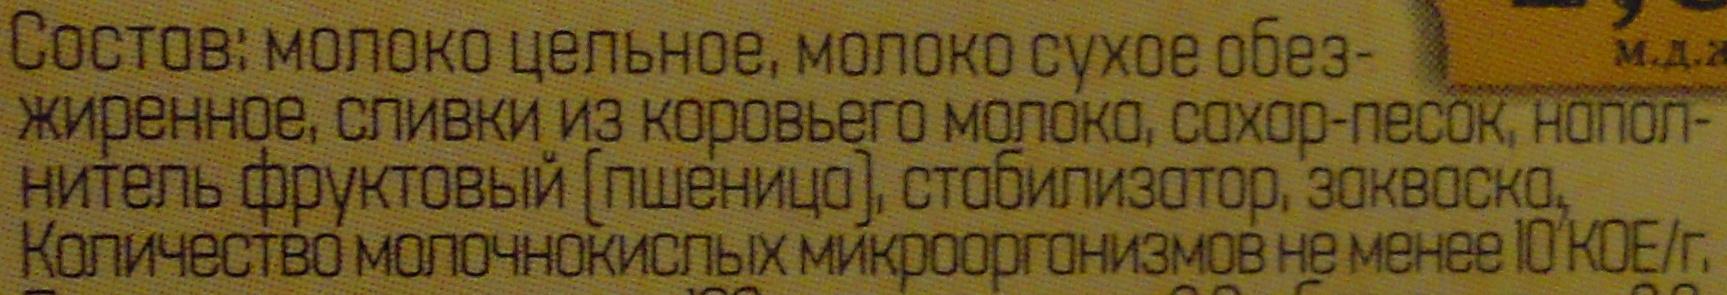 Йогурт со злаками фруктовый м. д. ж. 2,8 % - Ingredients